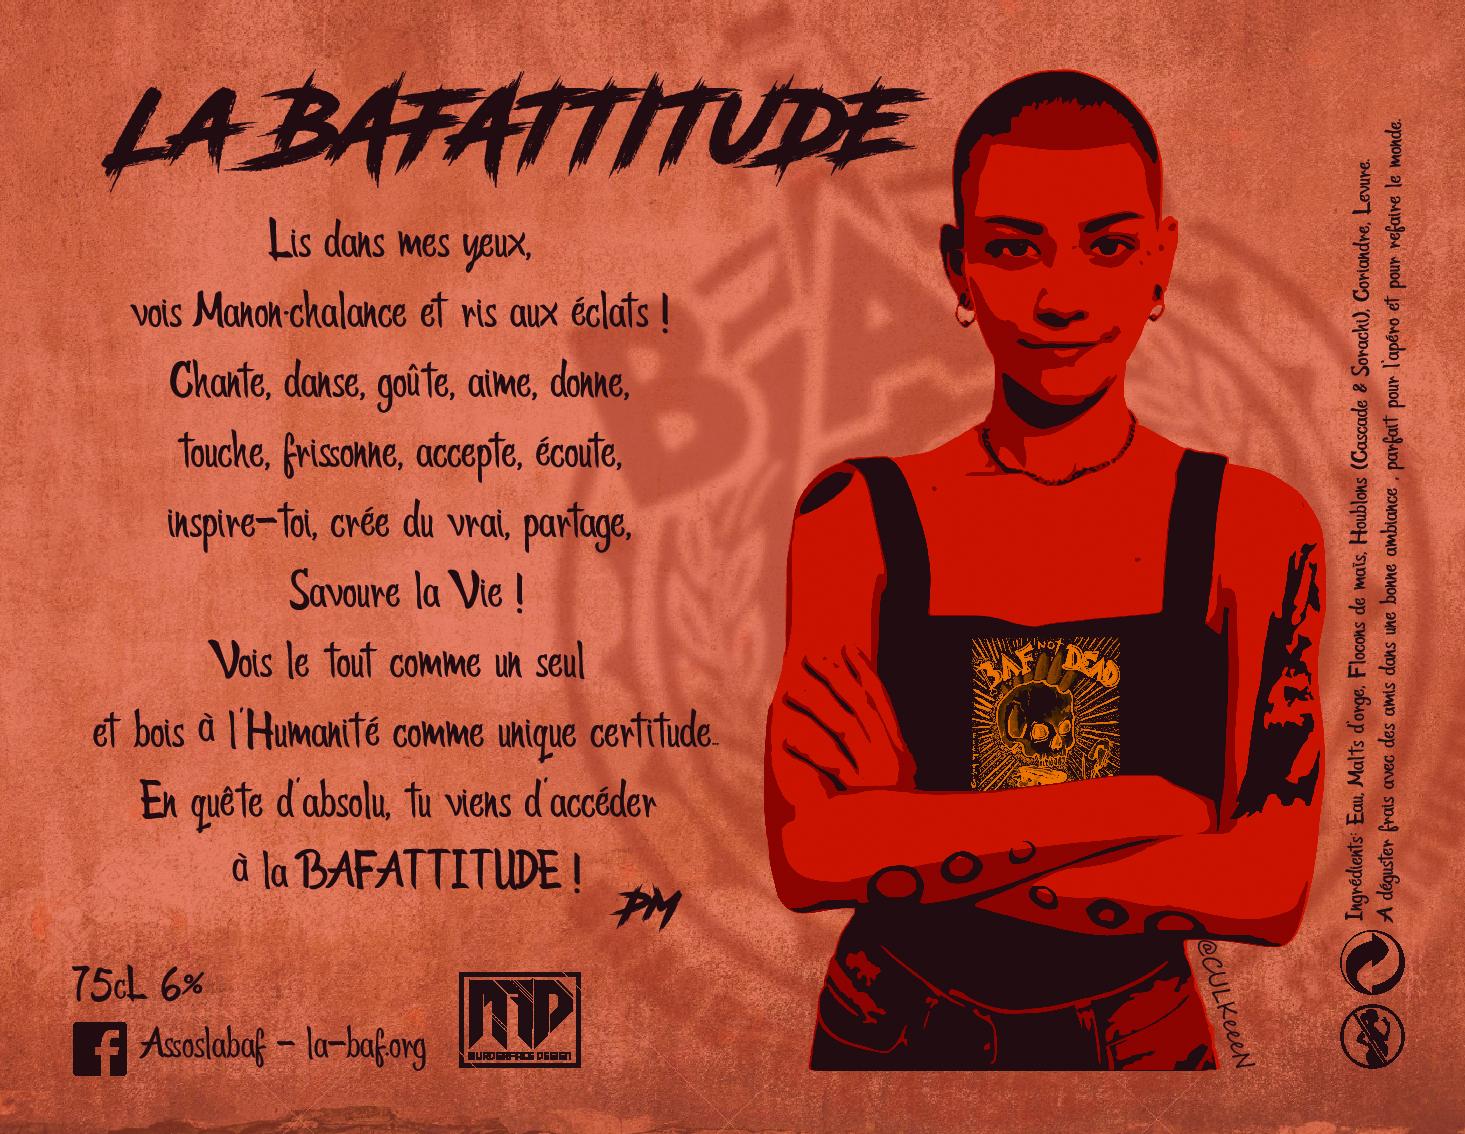 BAFATTITUDE